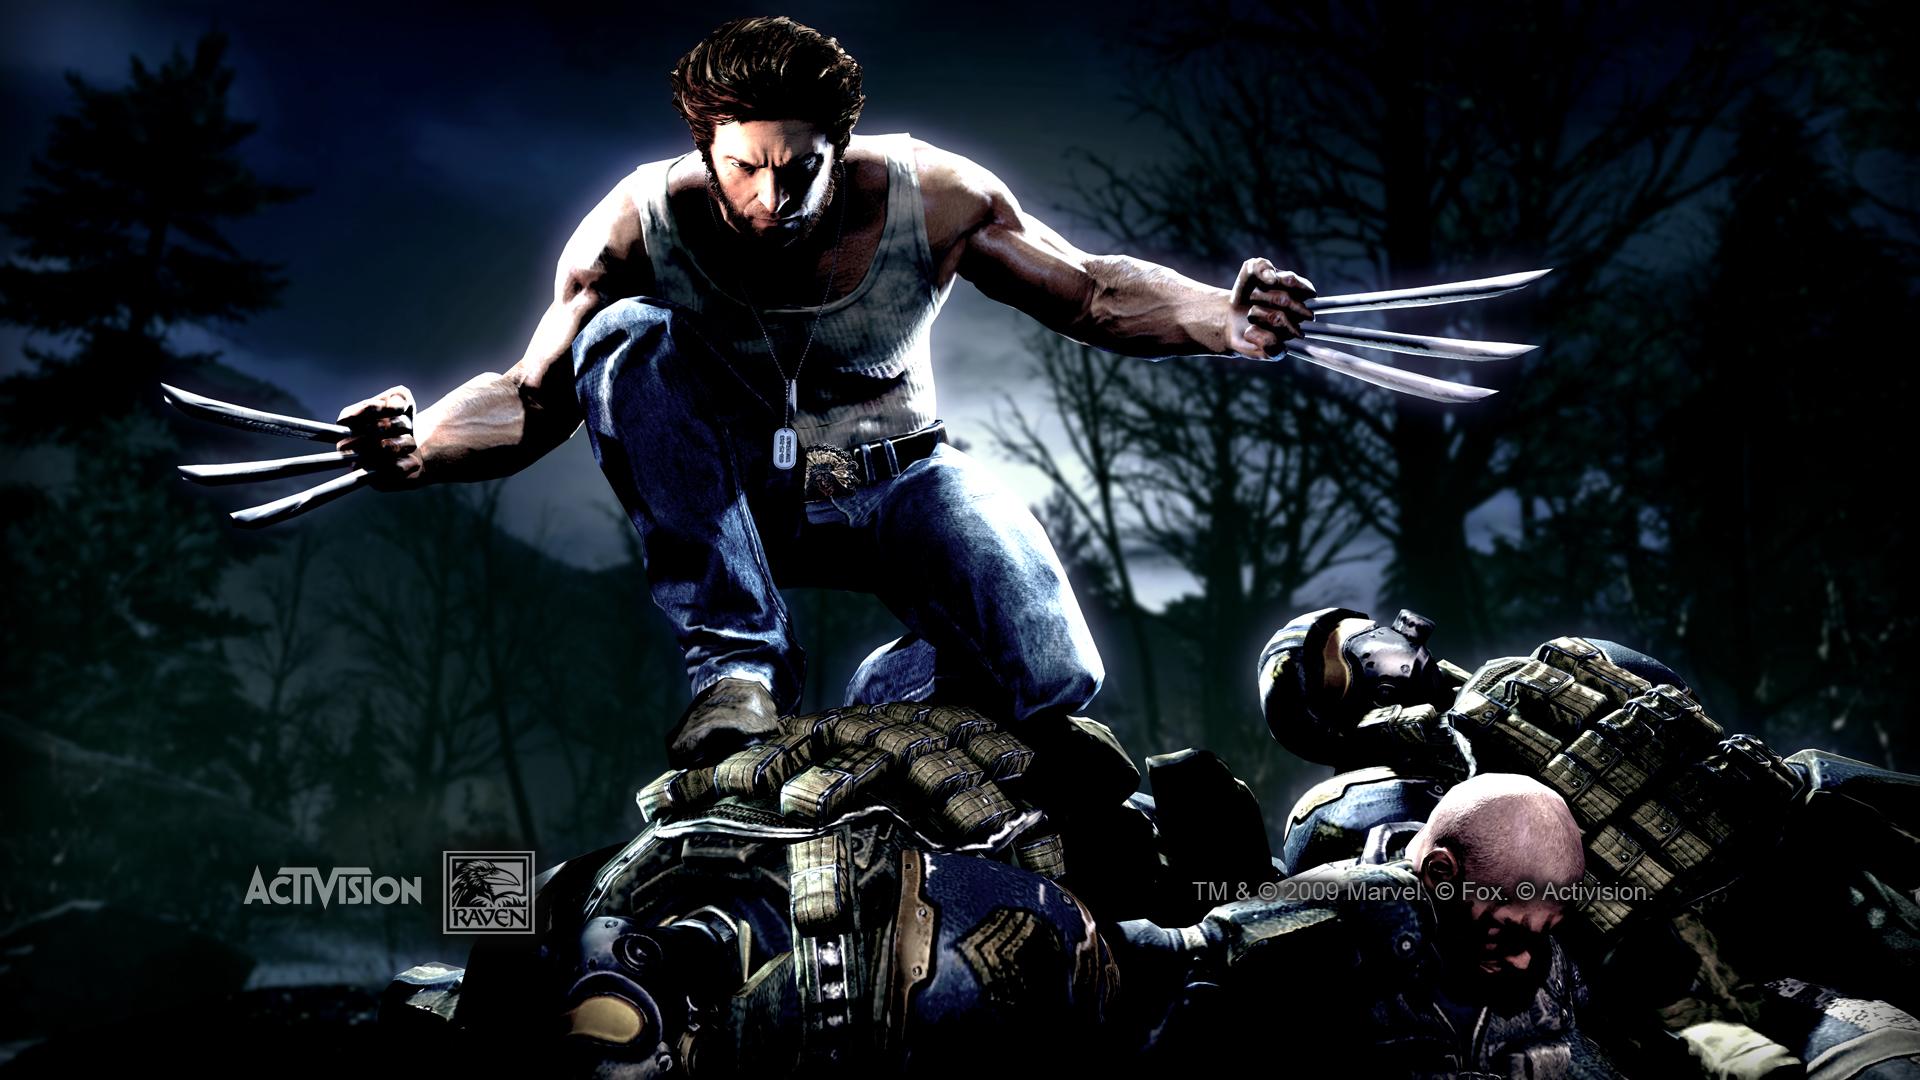 X Men Origins Wolverine Game Wallpaper Wallpapersafari